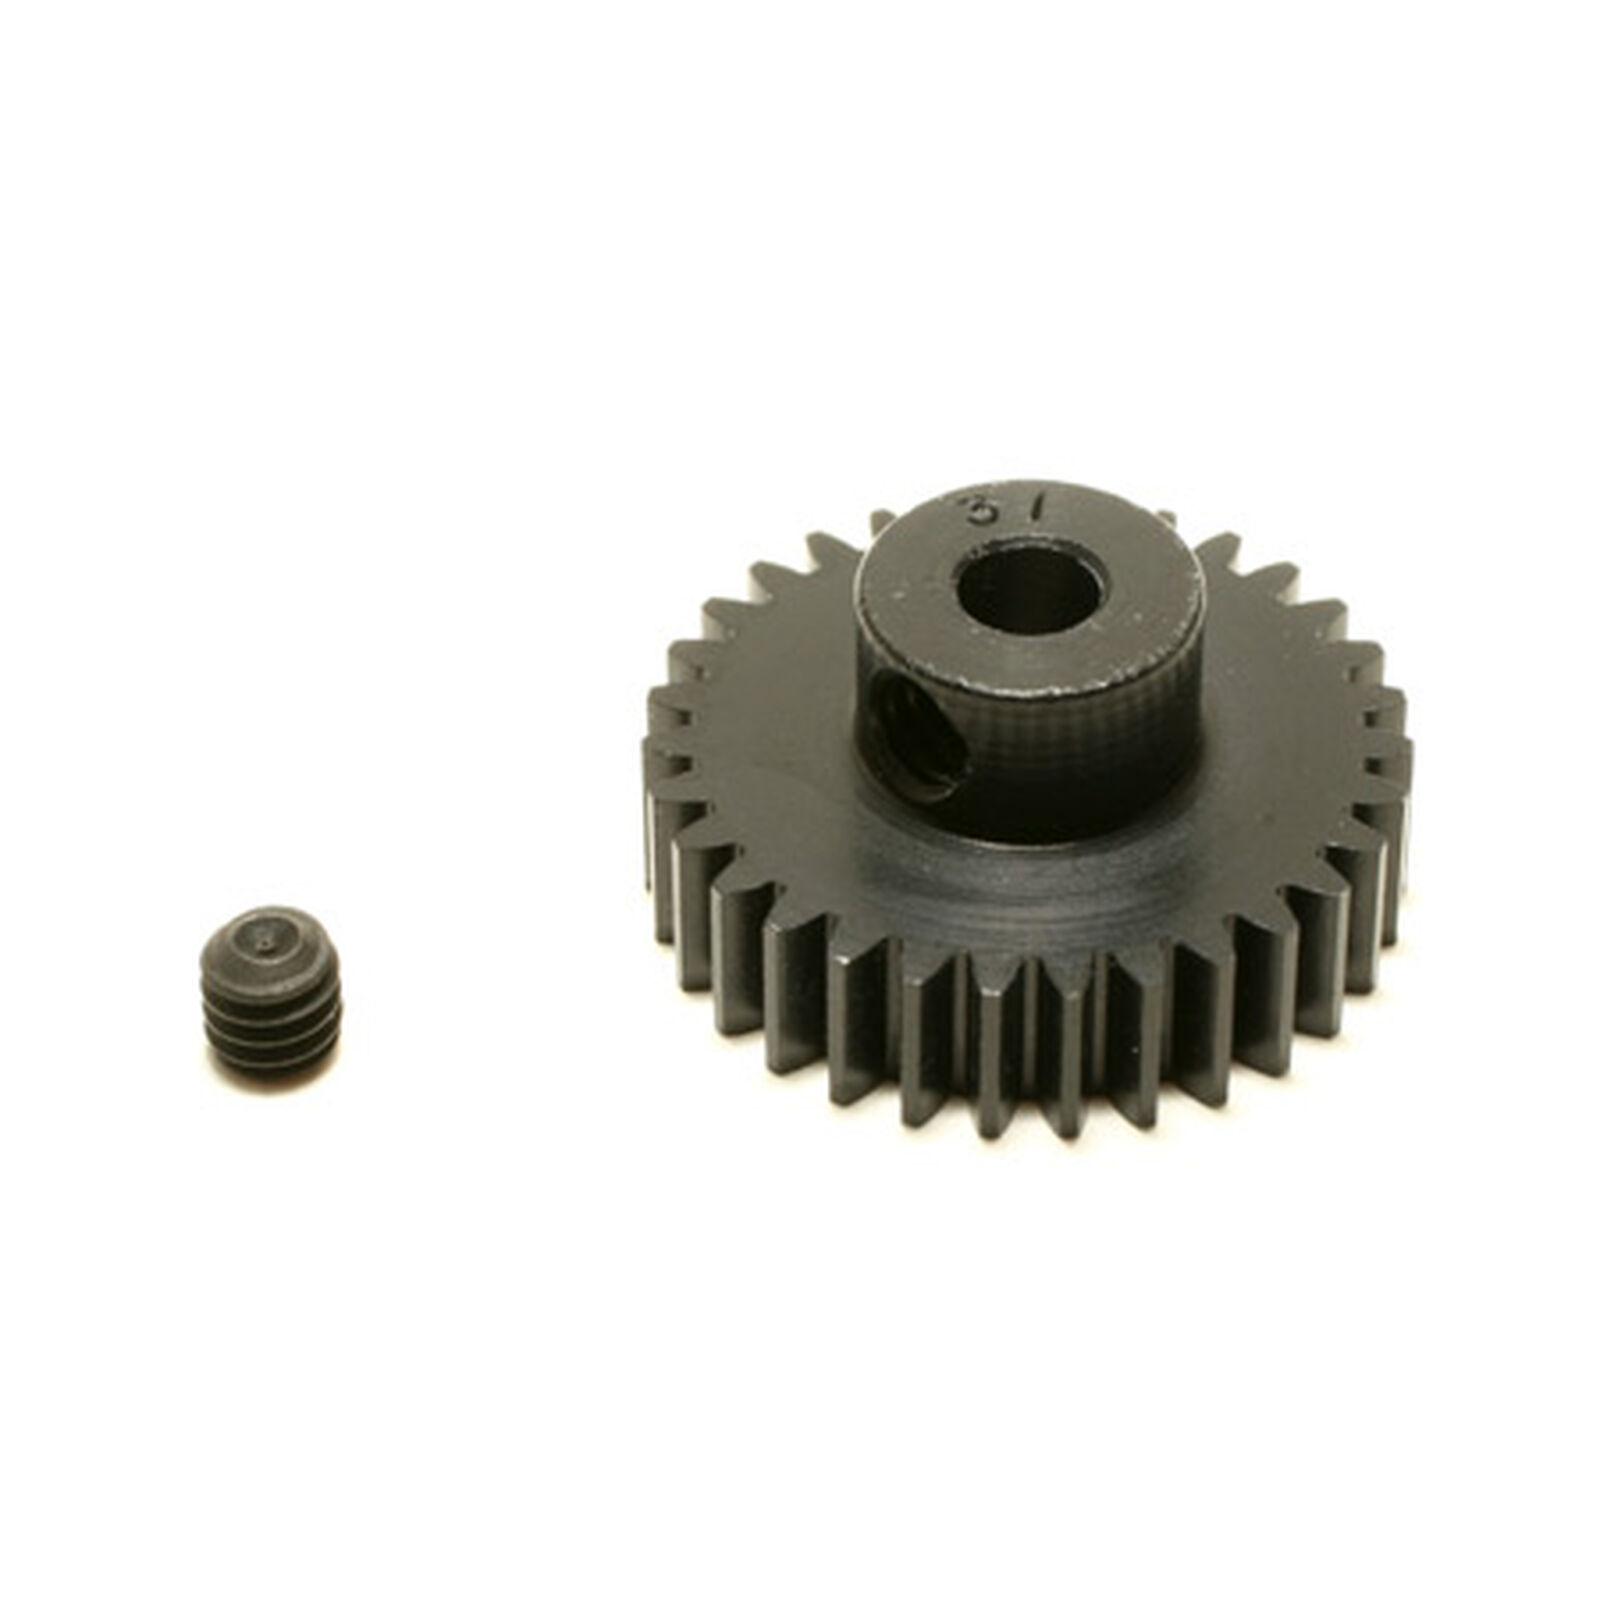 48P Hard Coated Aluminum Pinion Gear, 31T